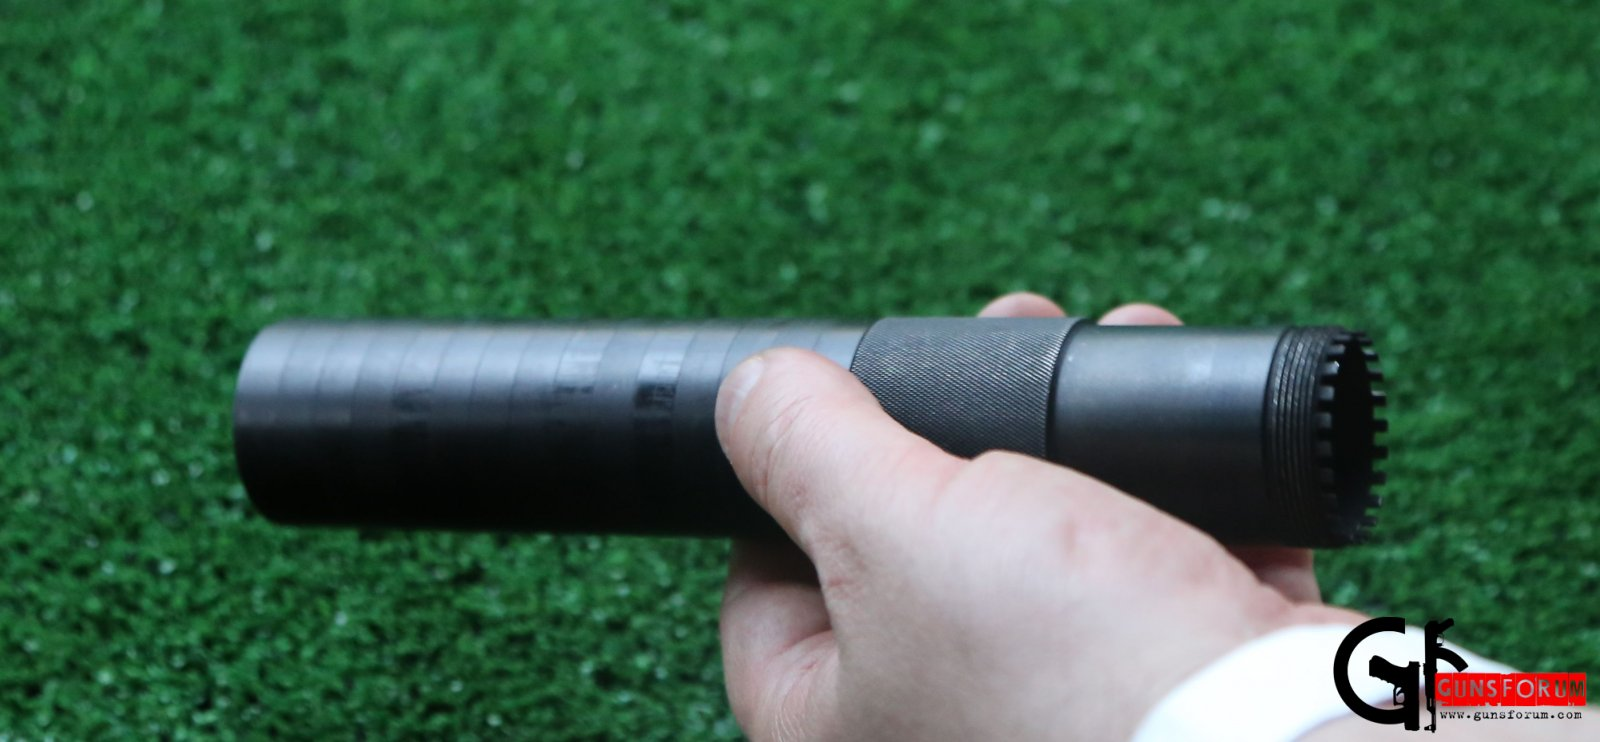 Глушитель ПЛ-15